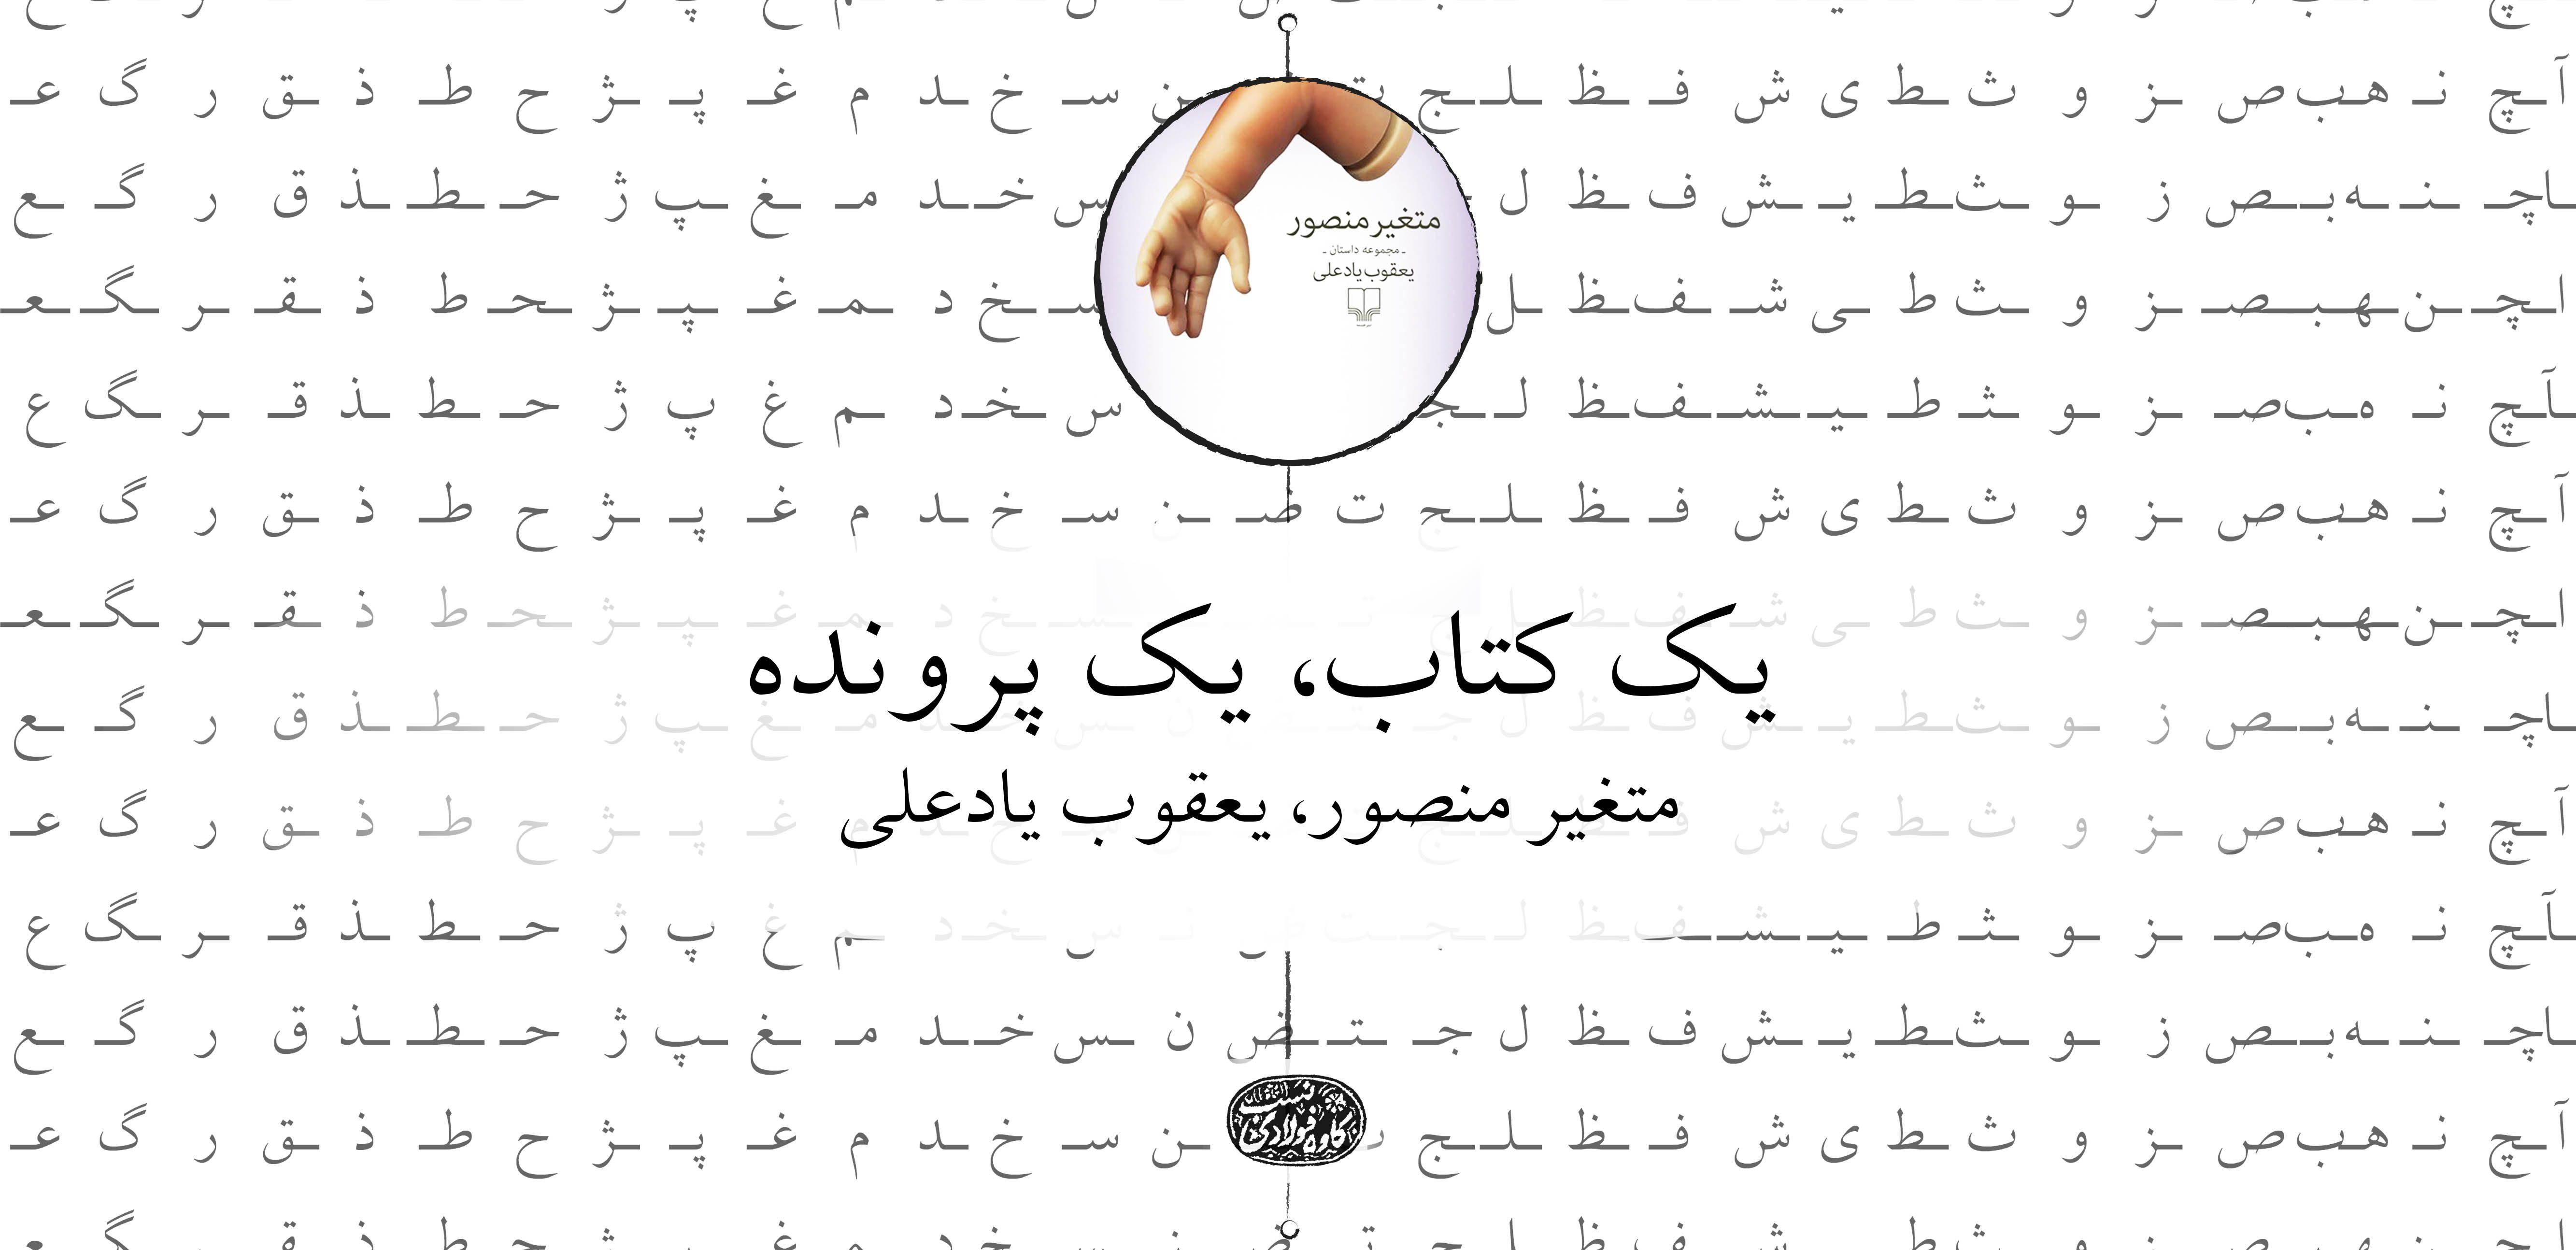 پروندهای برای مجموعهداستان «متغیر منصور»، نوشتهی یعقوب یادعلی